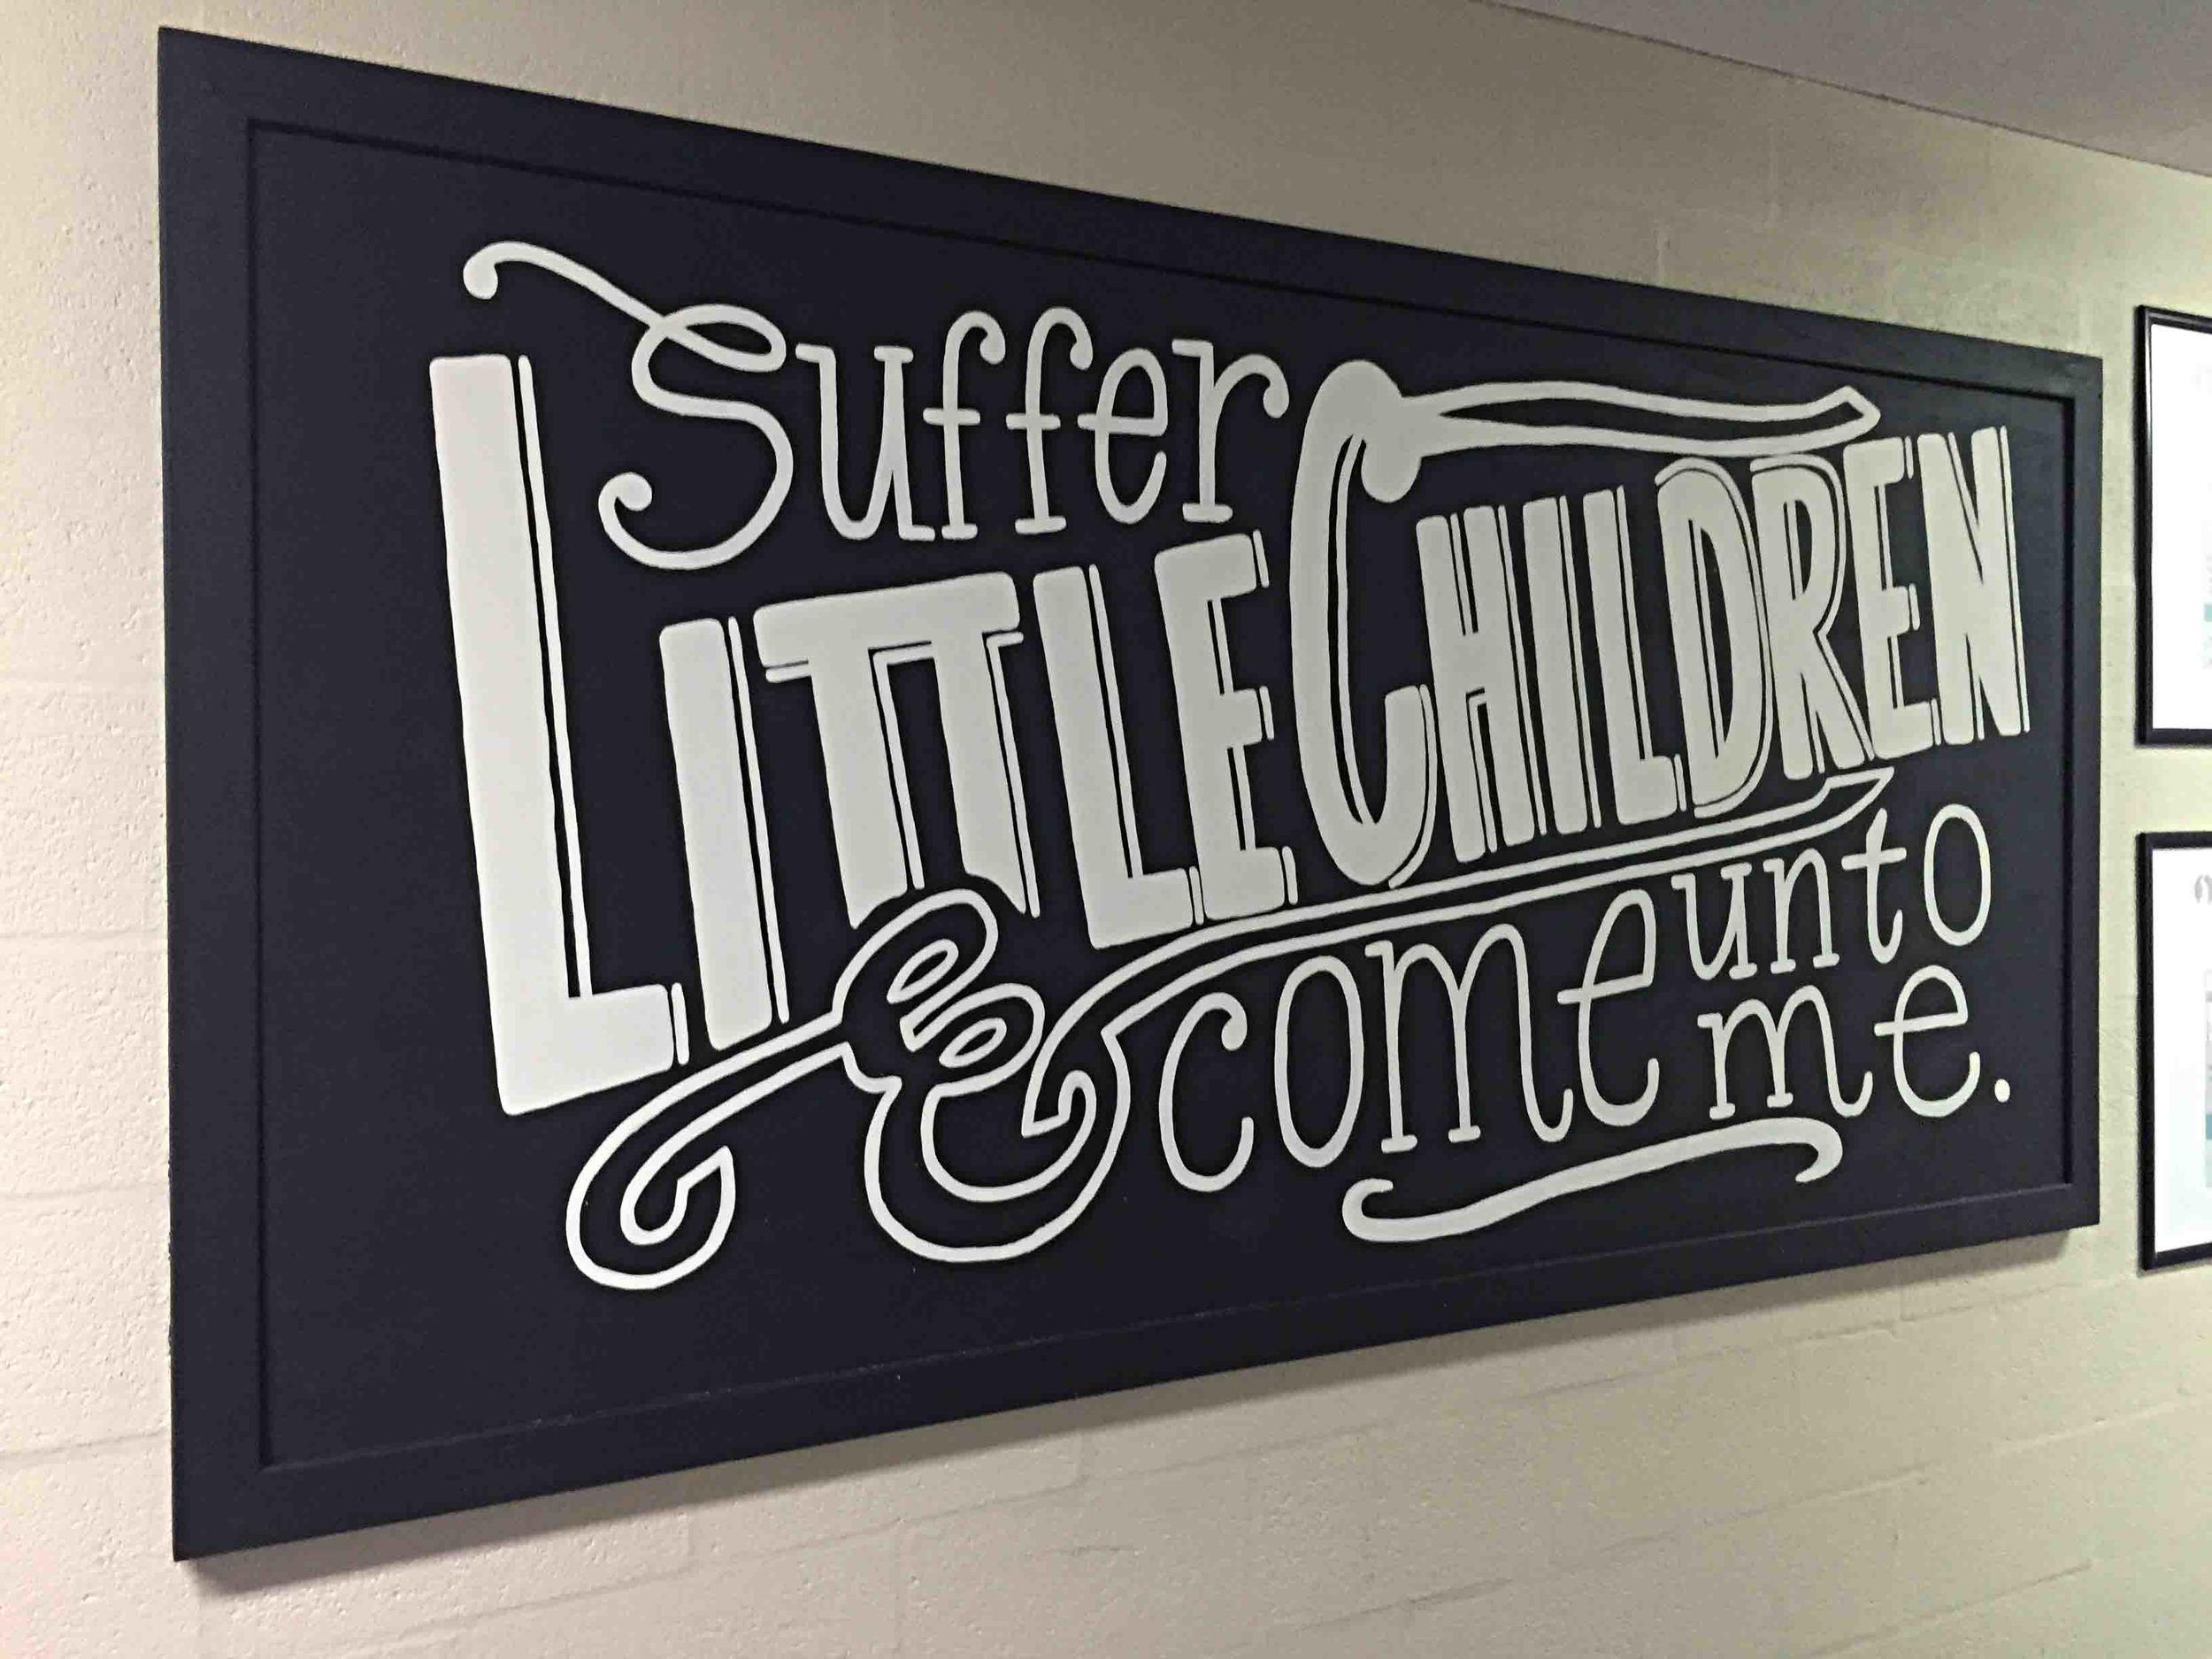 mural_me_jkhanley3.jpg